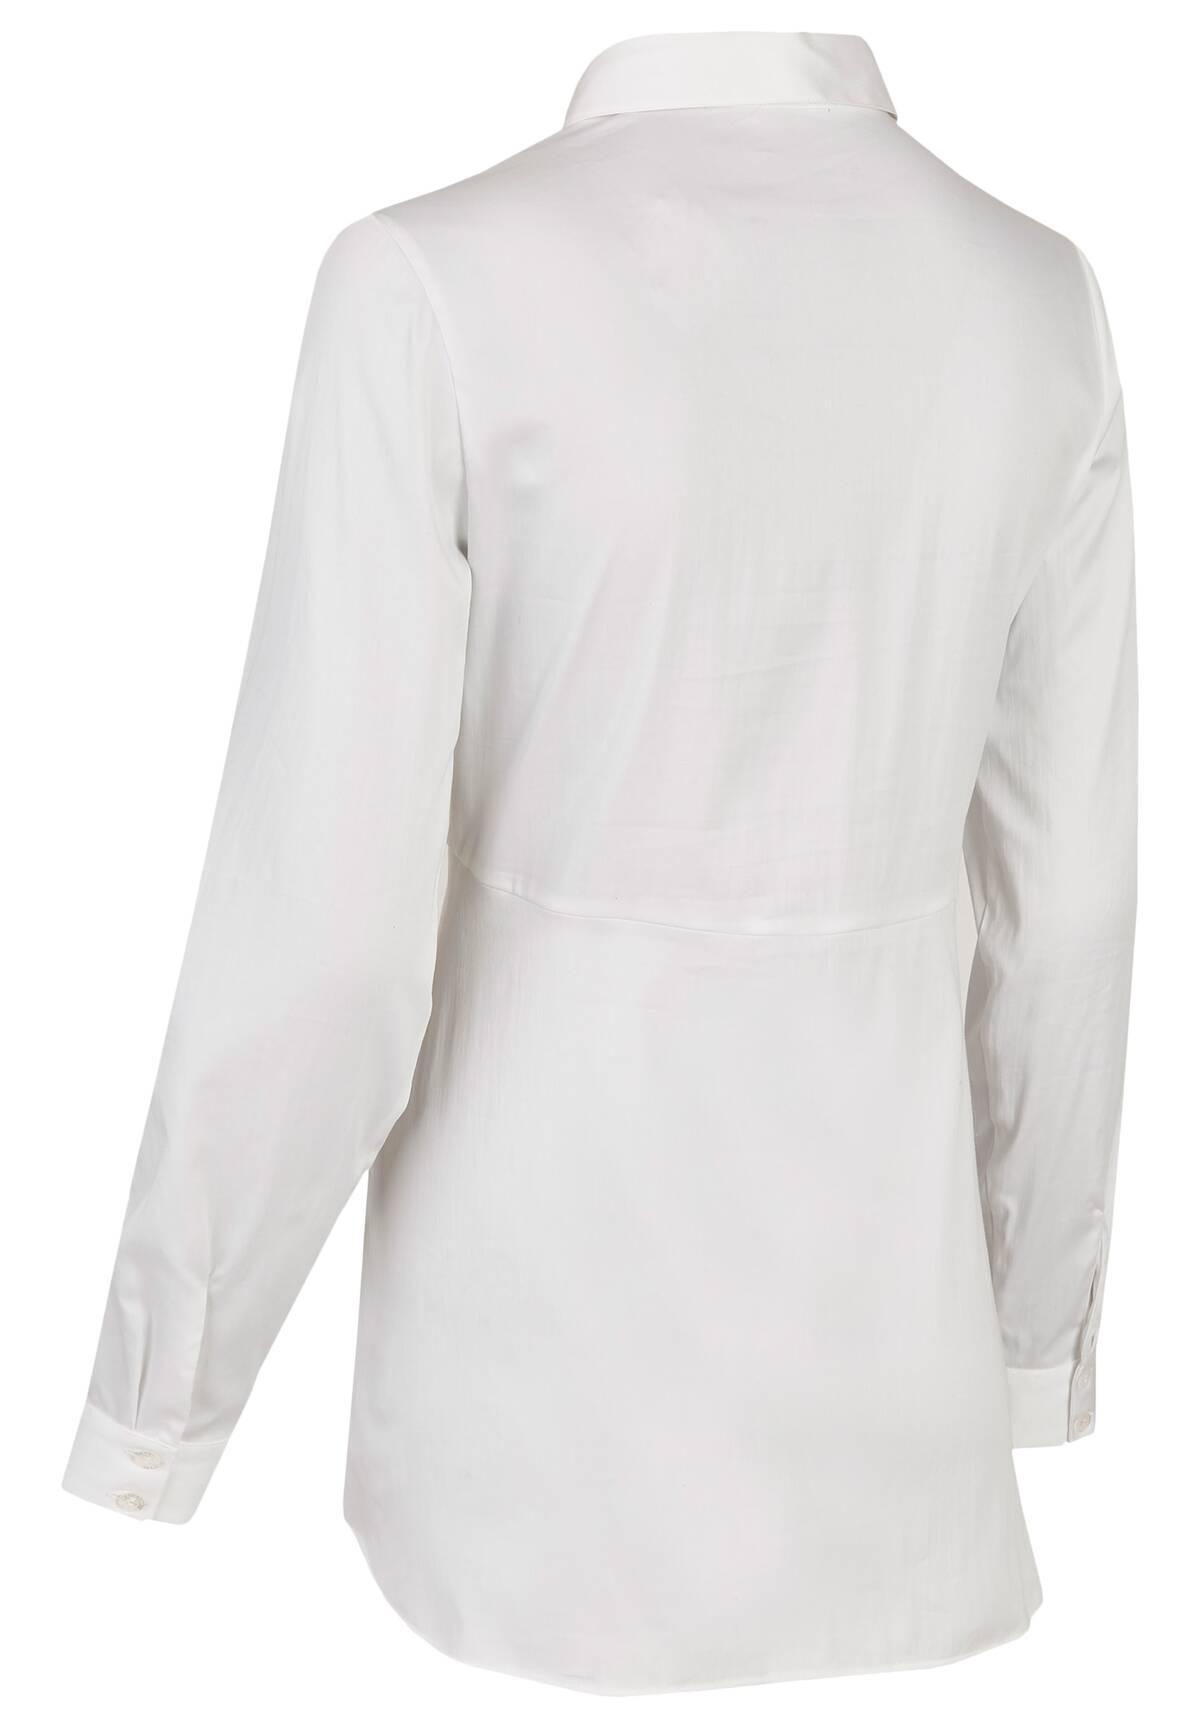 Elegante Bluse mit raffiniertem Schnitt / Blouse